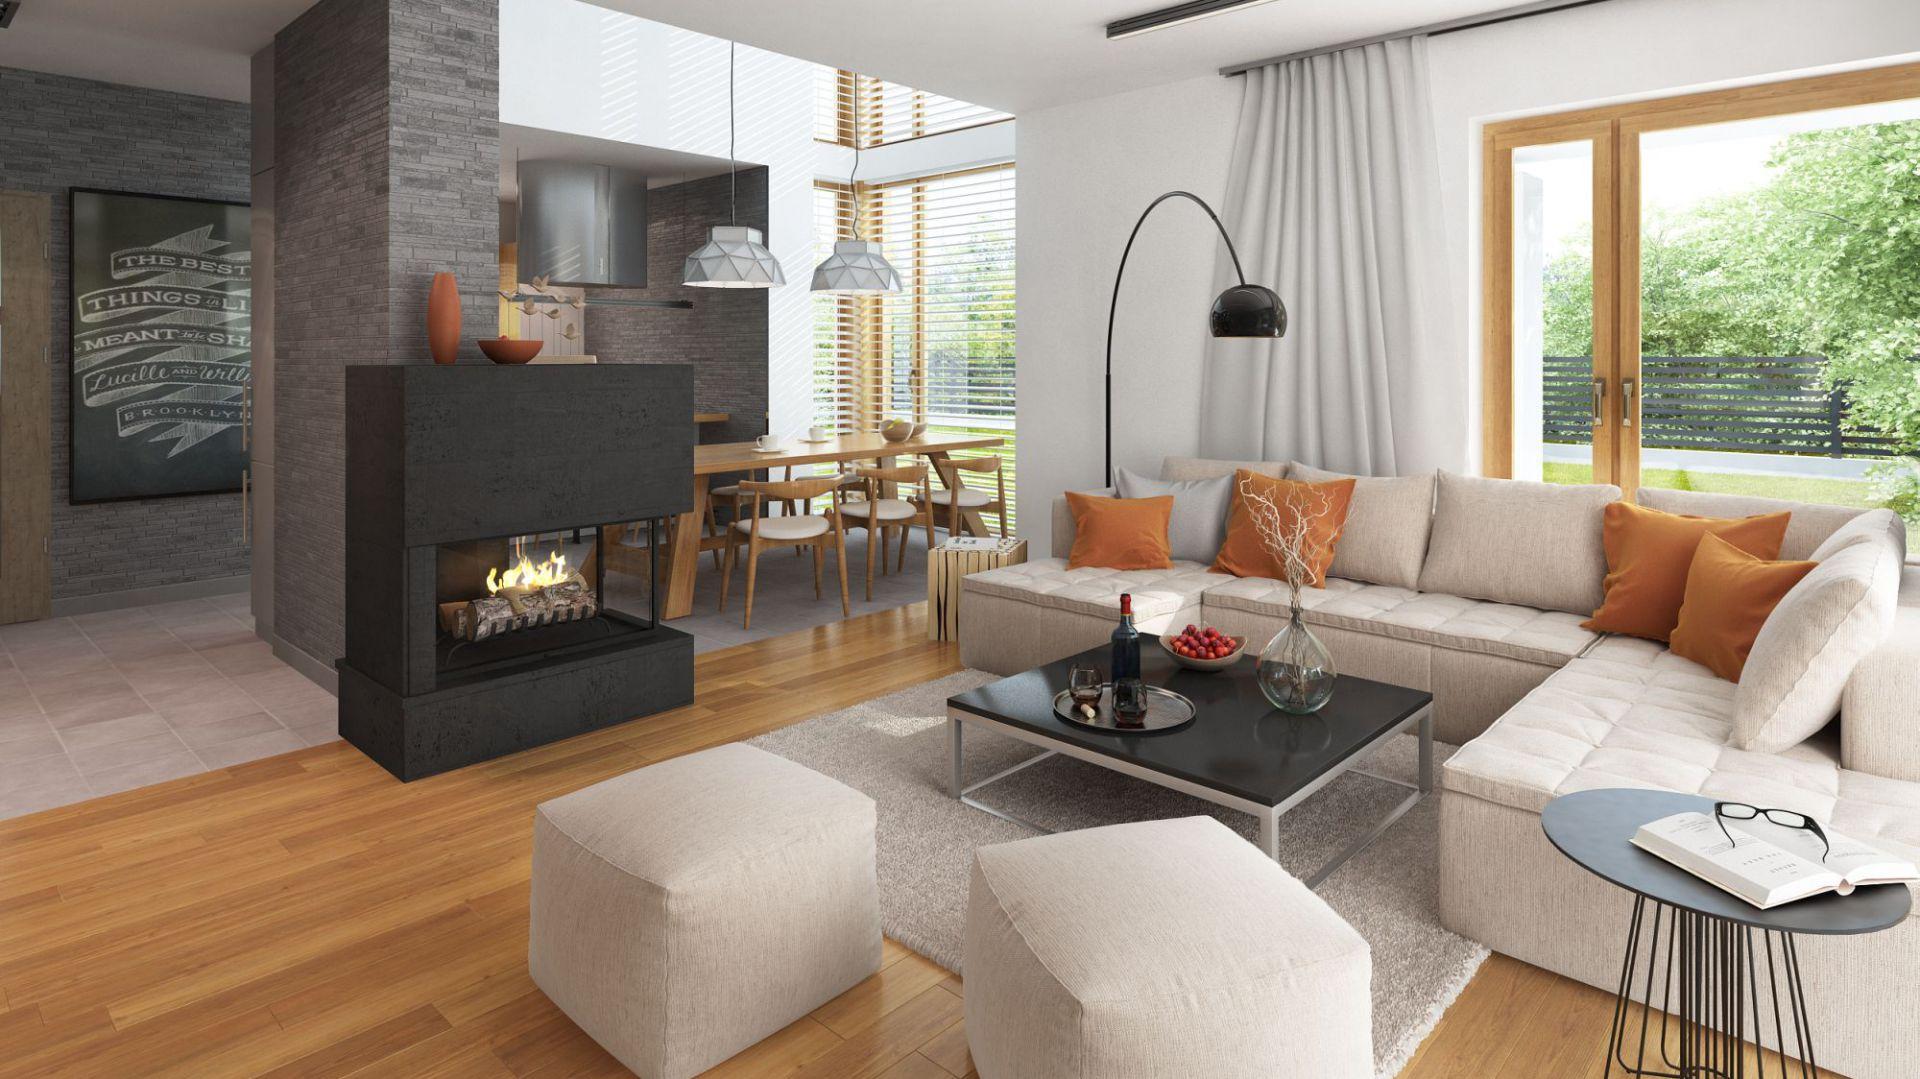 Zaprojektowany w domu kominek uprzyjemni mieszkańcom niejeden jesienno-zimowy wieczór. Projekt: Marcin Abramowicz, Jagoda Gruca, Dobre Domy